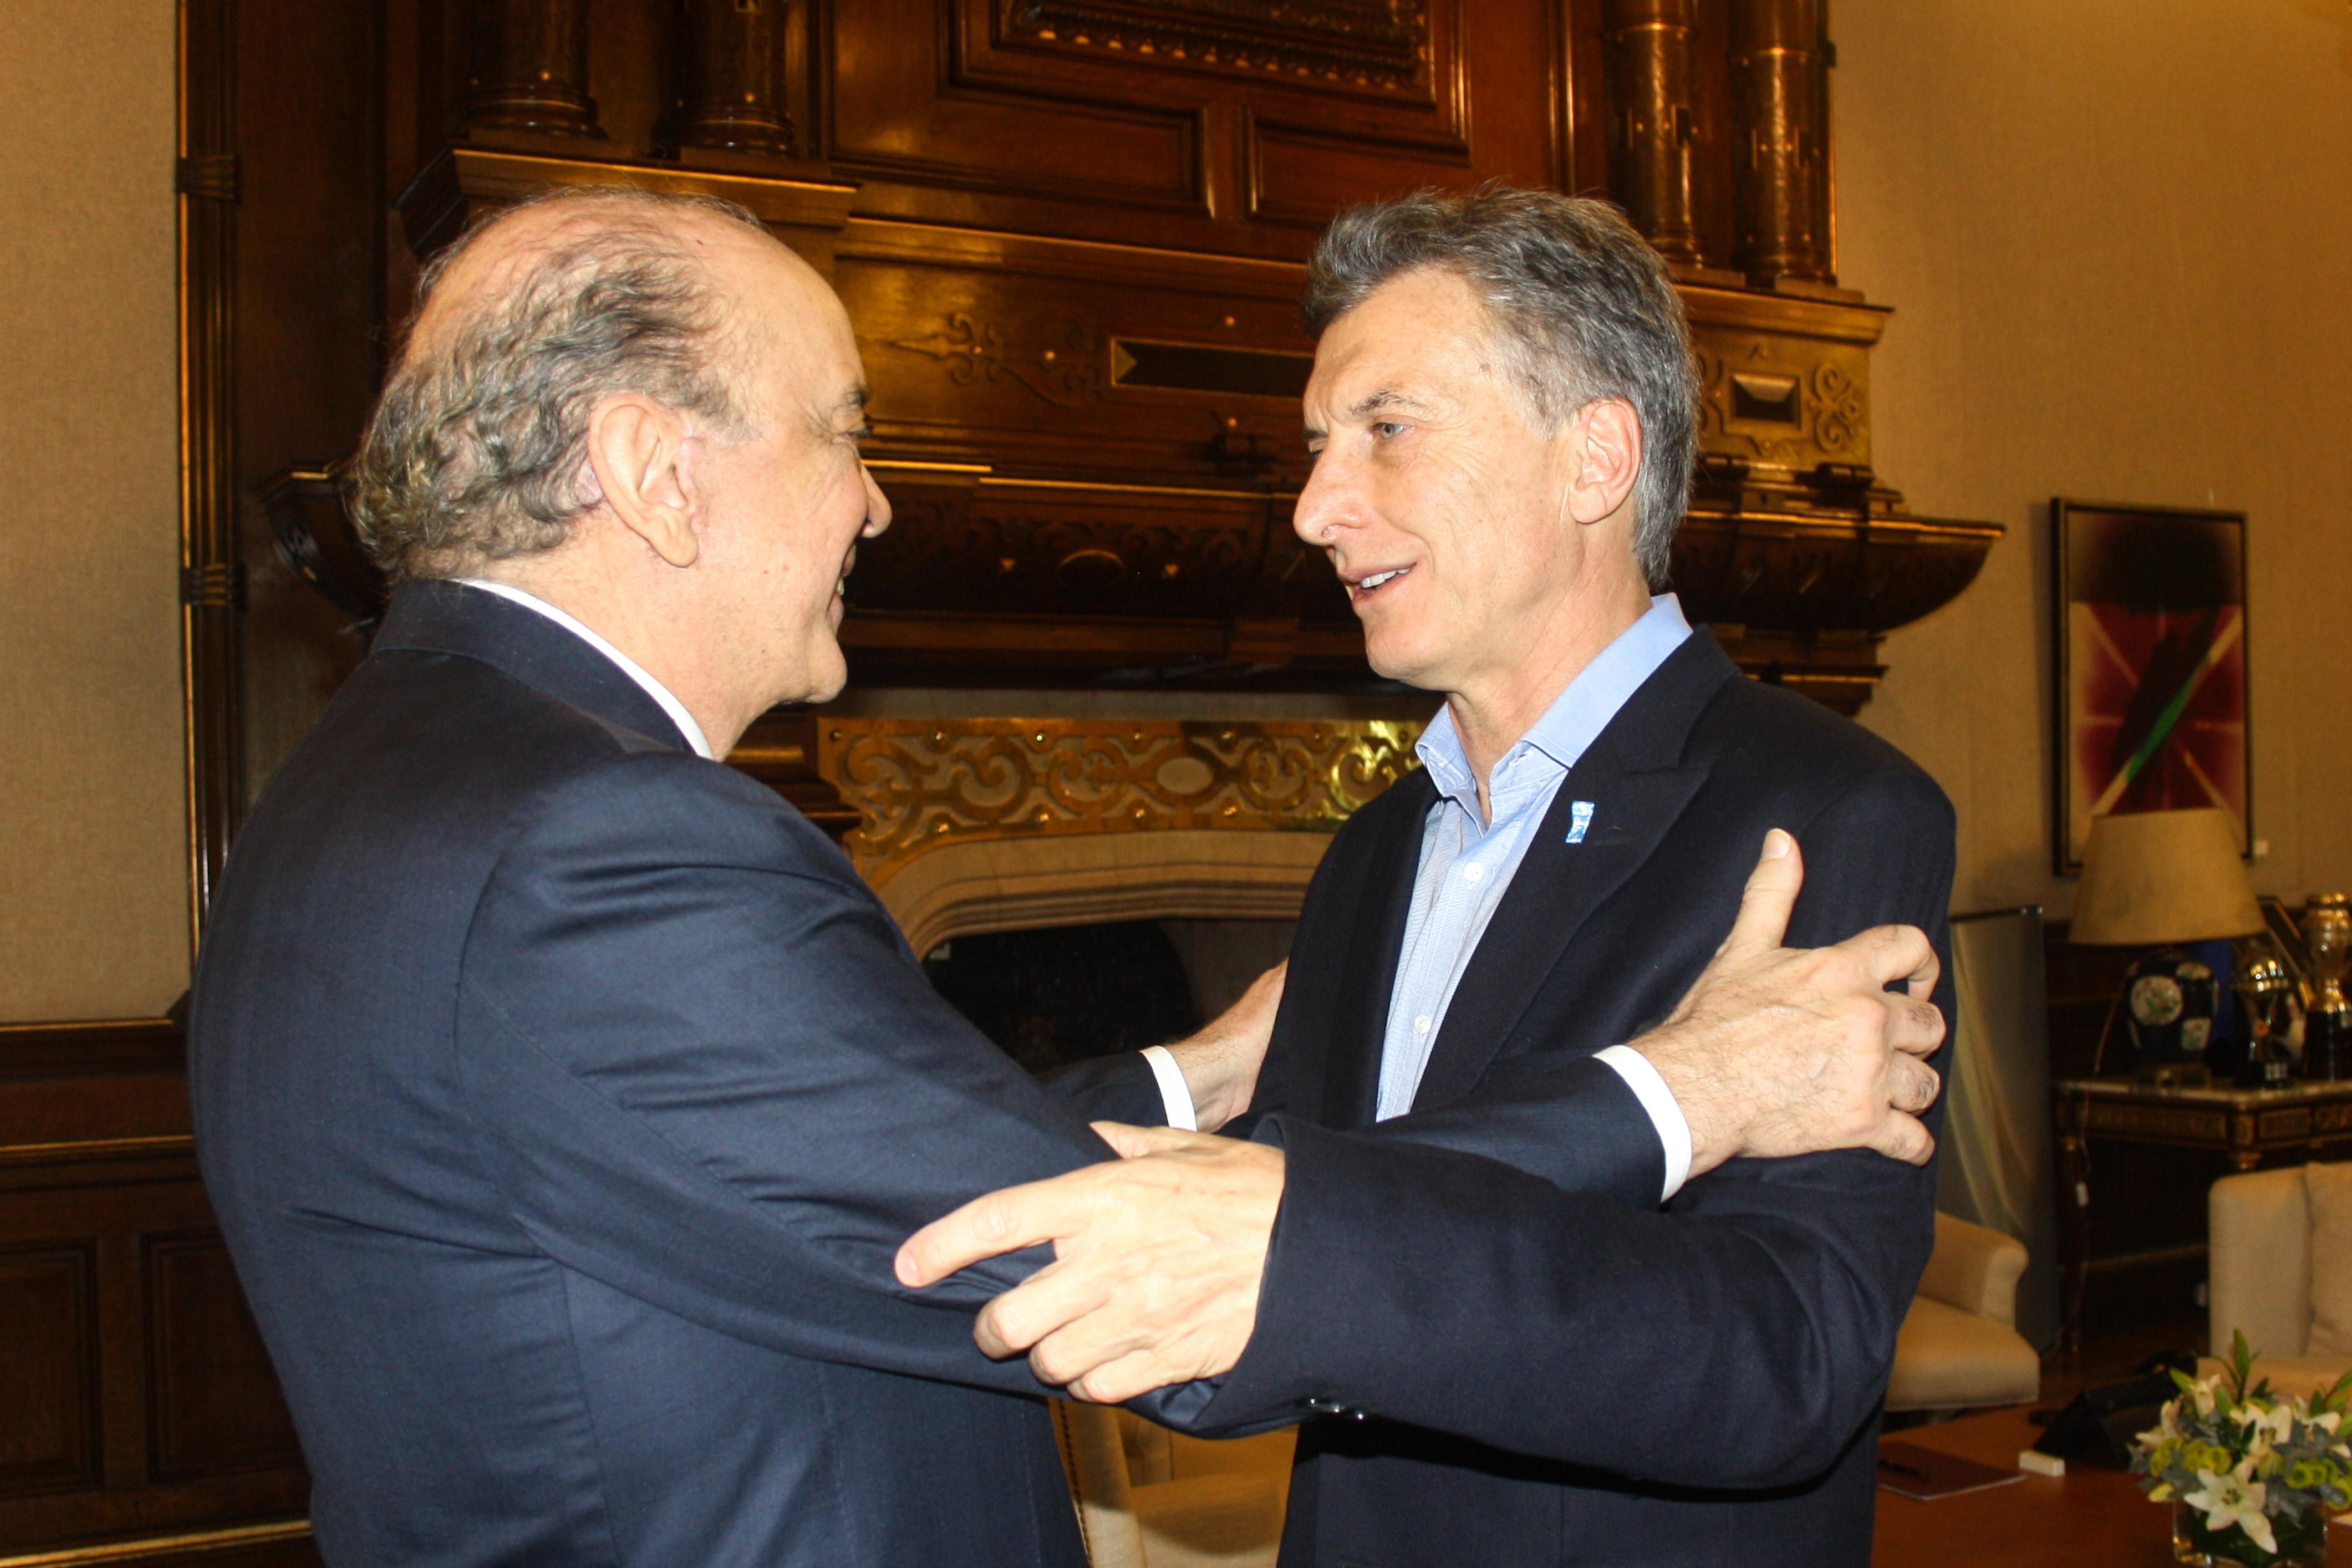 Viagem do Ministro das Relações Exteriores a Buenos Aires Visita do Ministro das Relações Exteriores José Serra a Buenos Aires. Foto: Embaixada do Brasil em Buenos Aires / MRE 23/05/2016